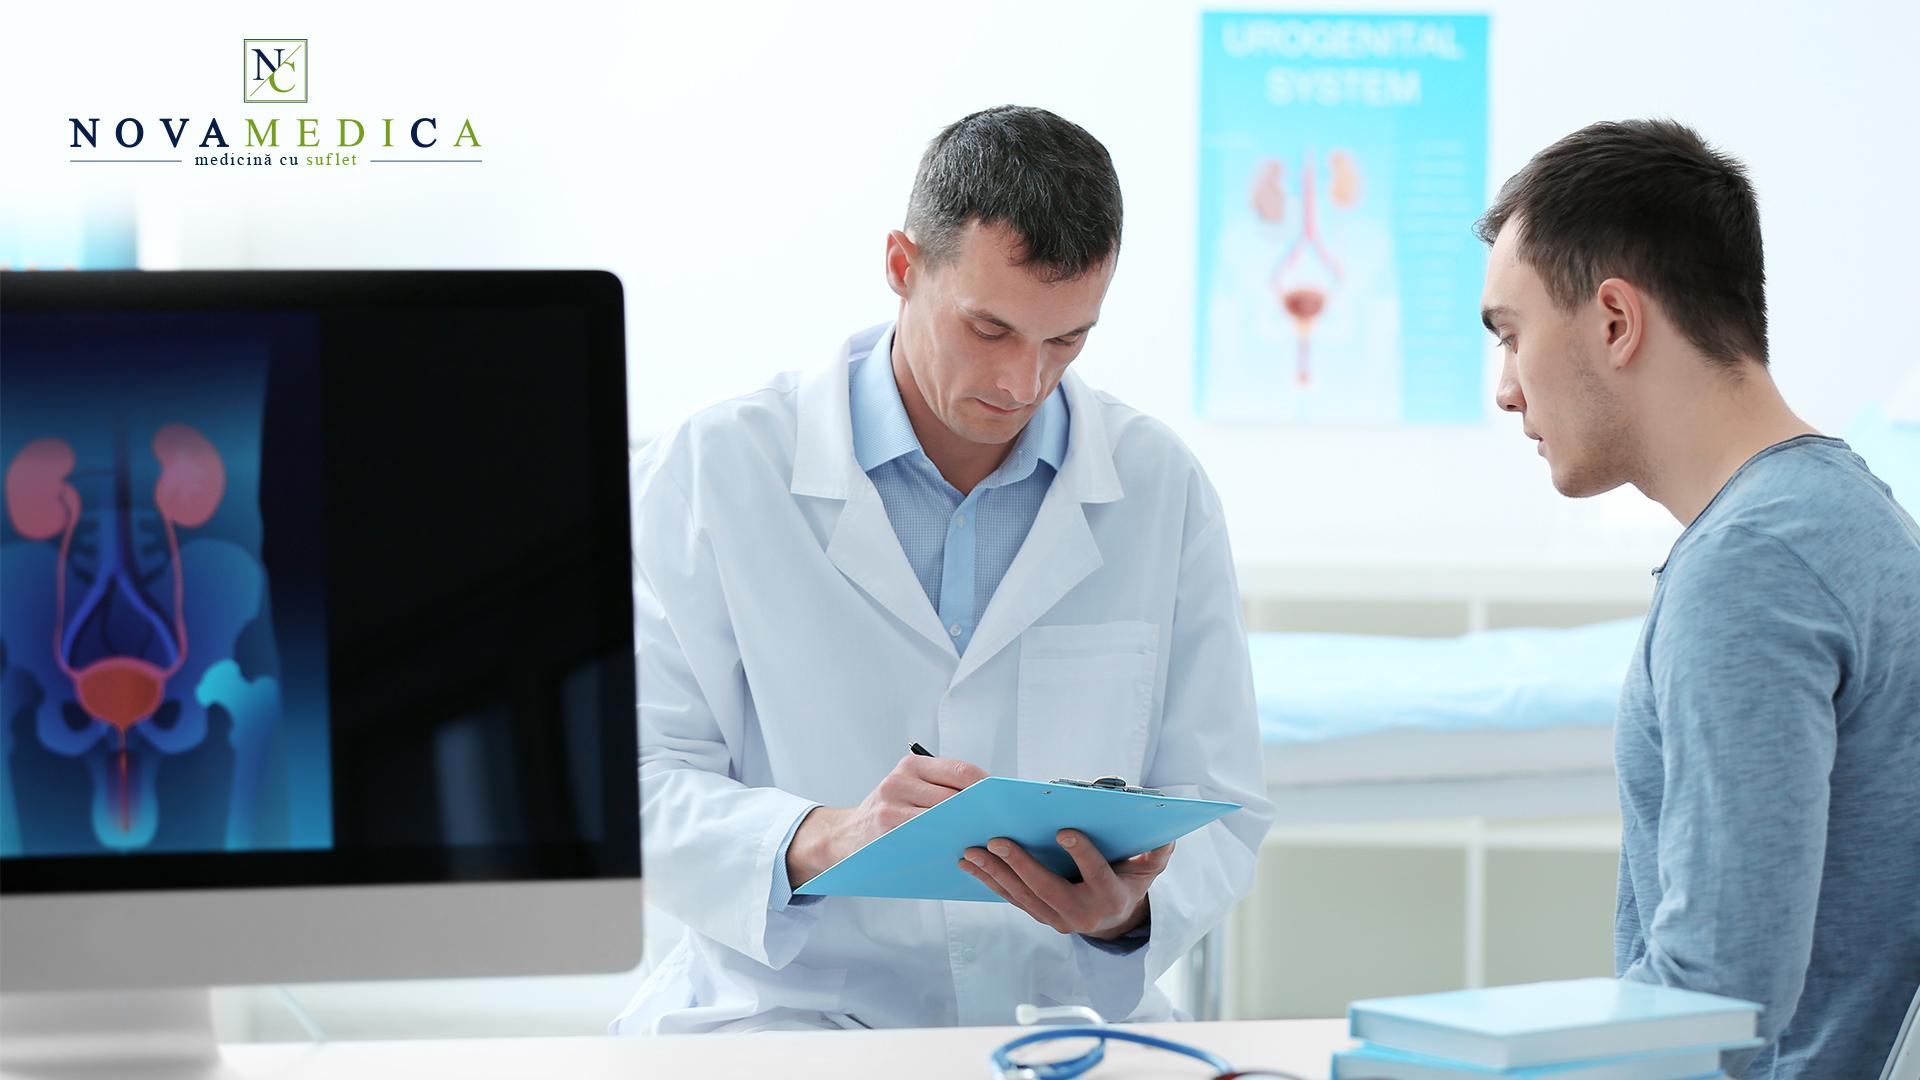 Grupele de risc pentru cancerul de prostata